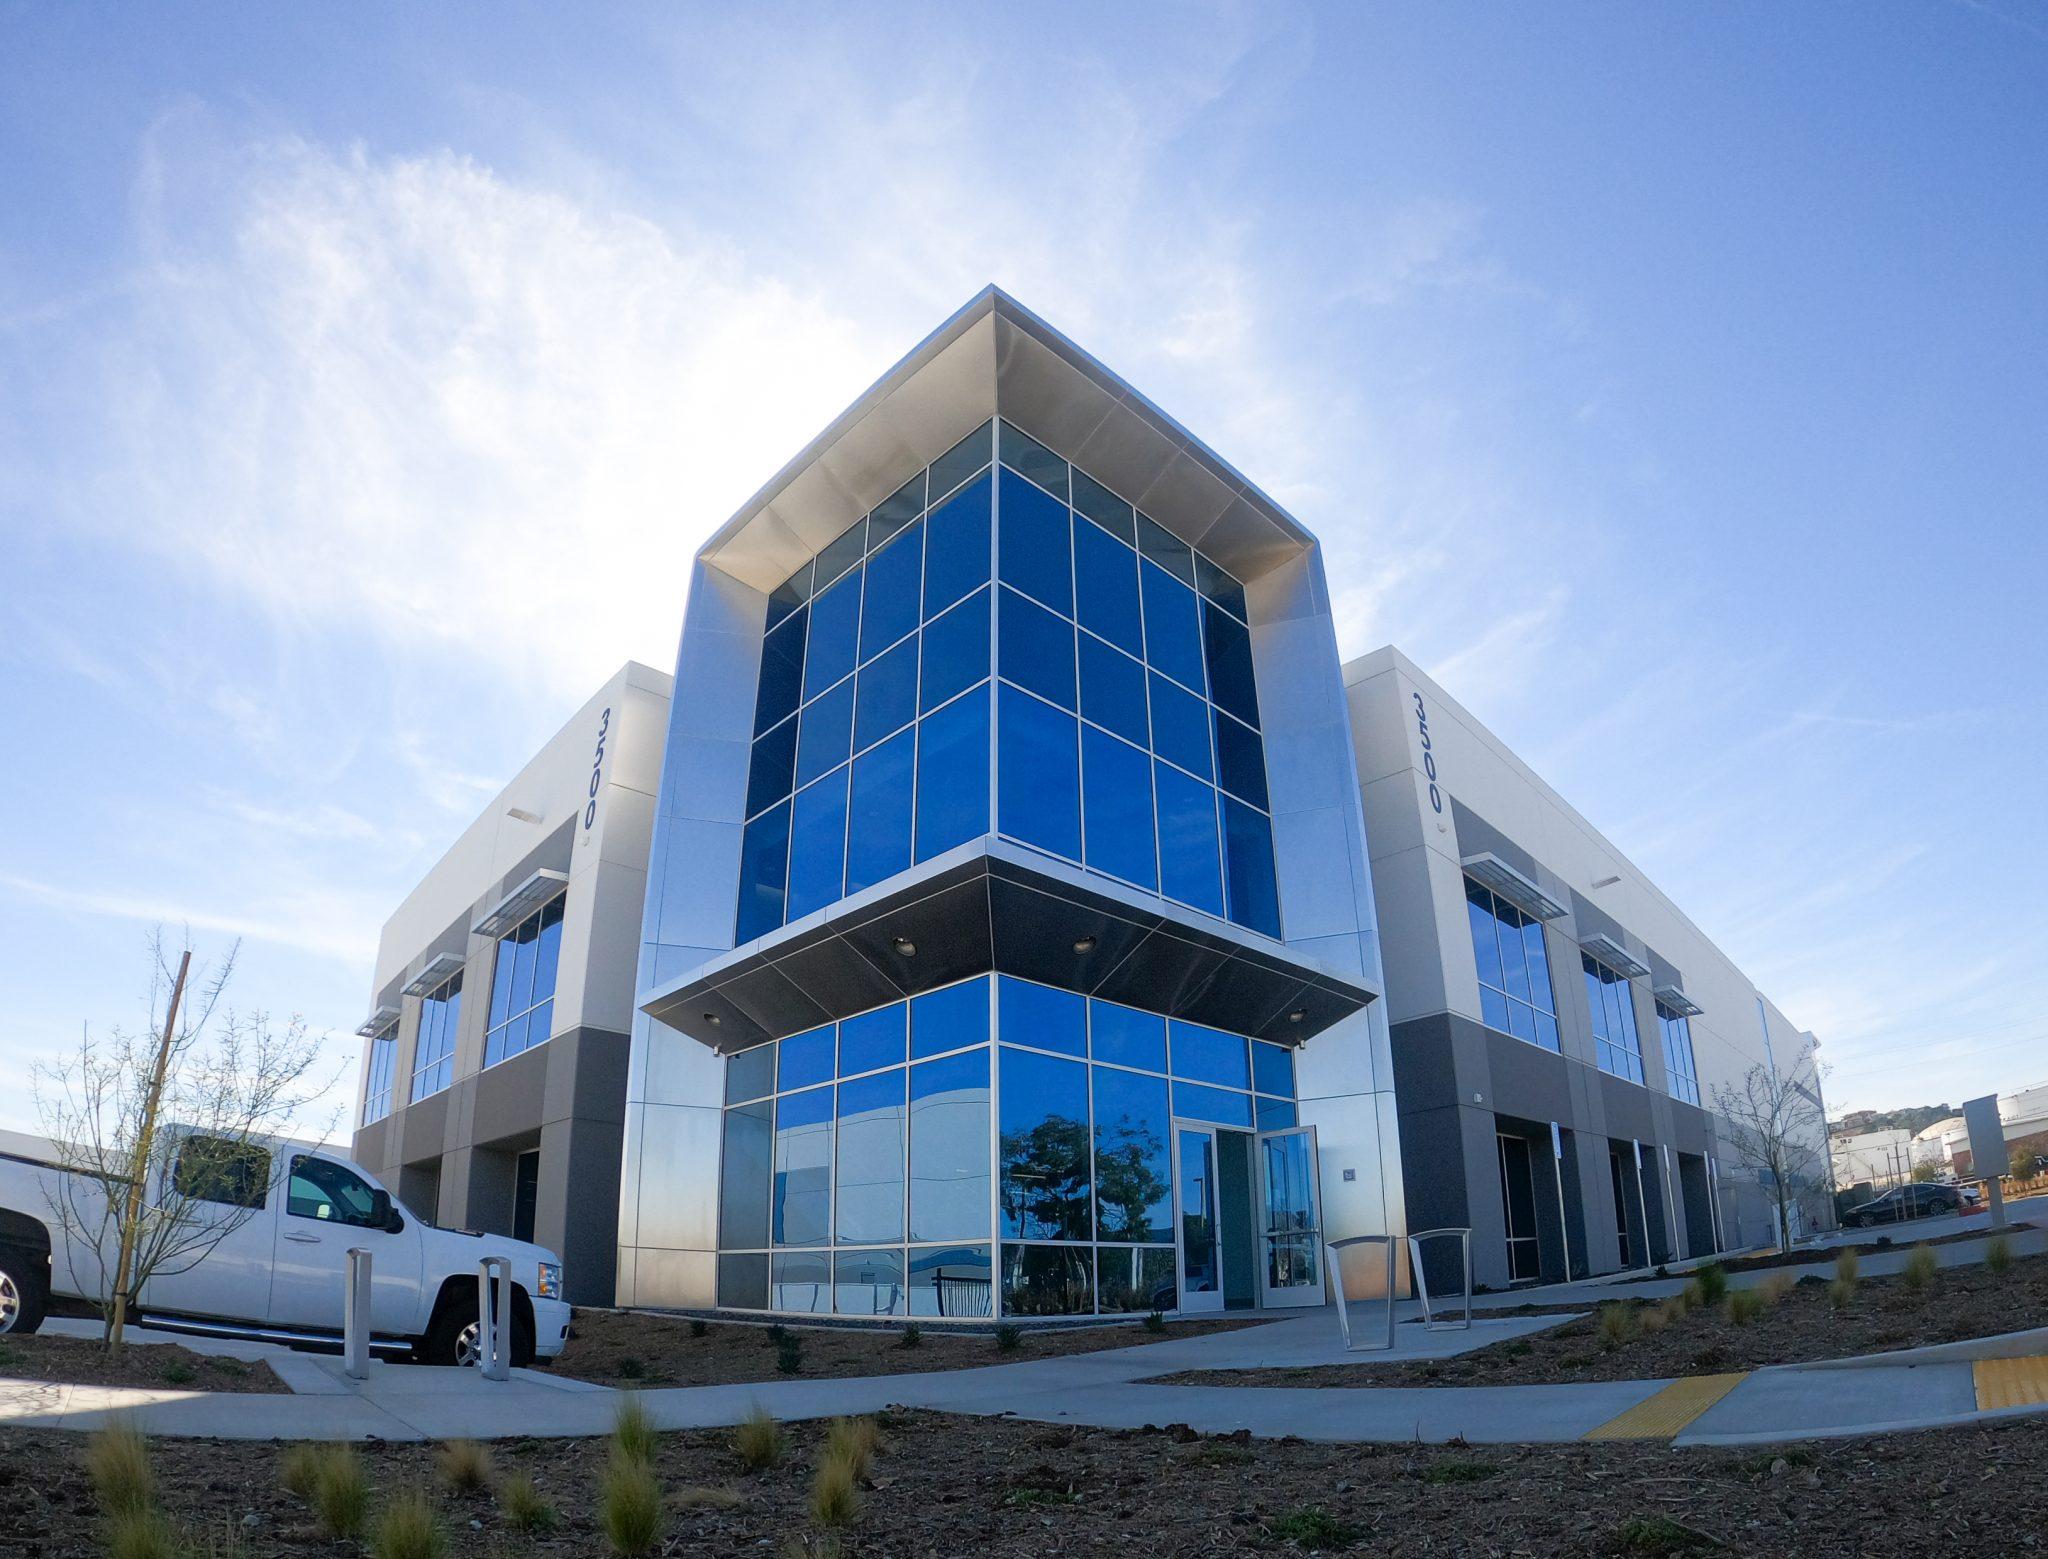 Relativity Space autonomous facility exterior. Photo via Relativity Space.